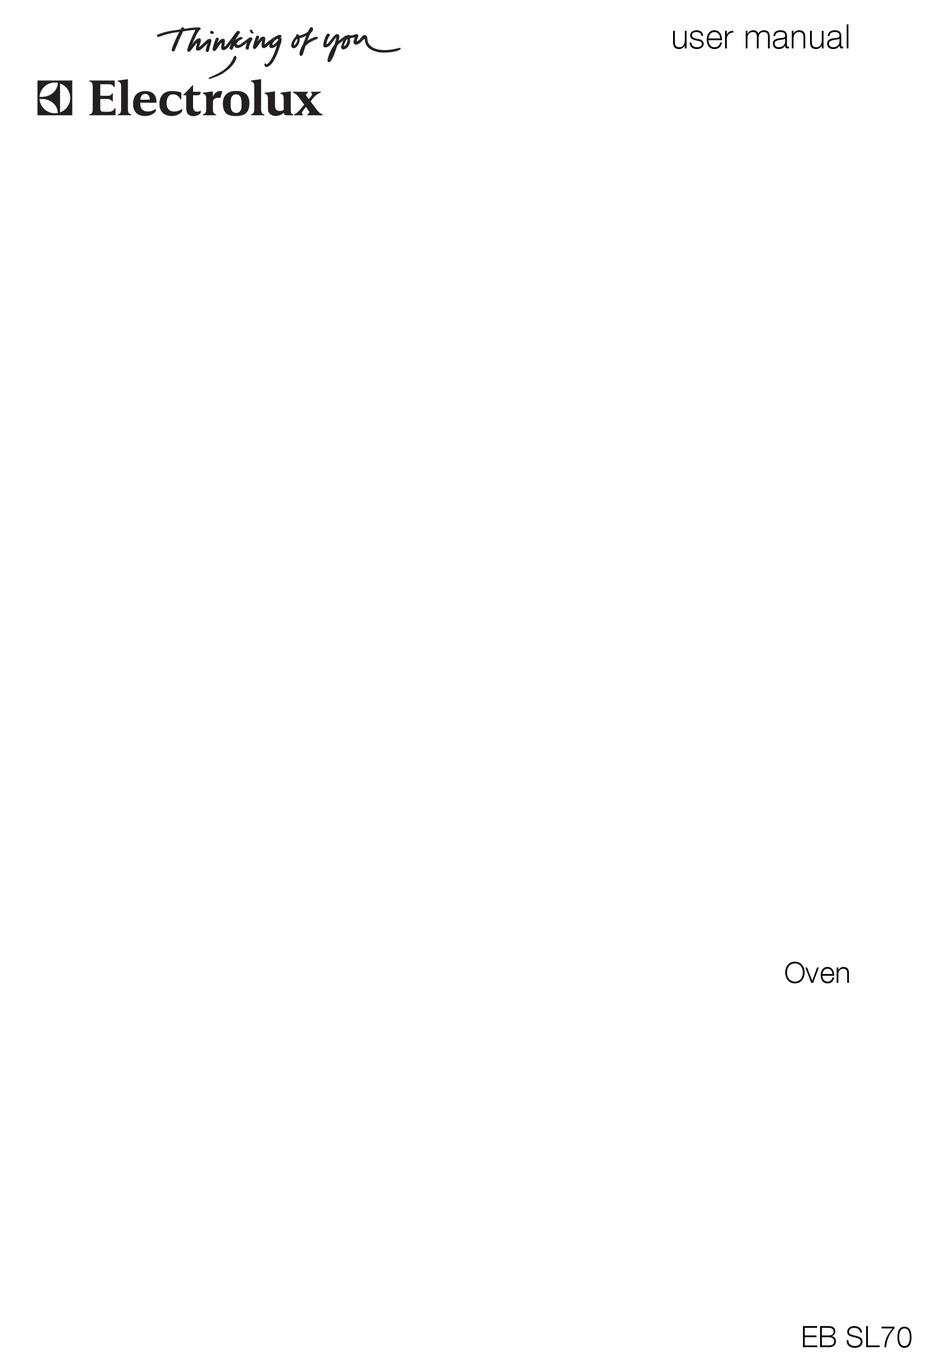 electrolux eb sl70 user manual pdf download | manualslib  manualslib